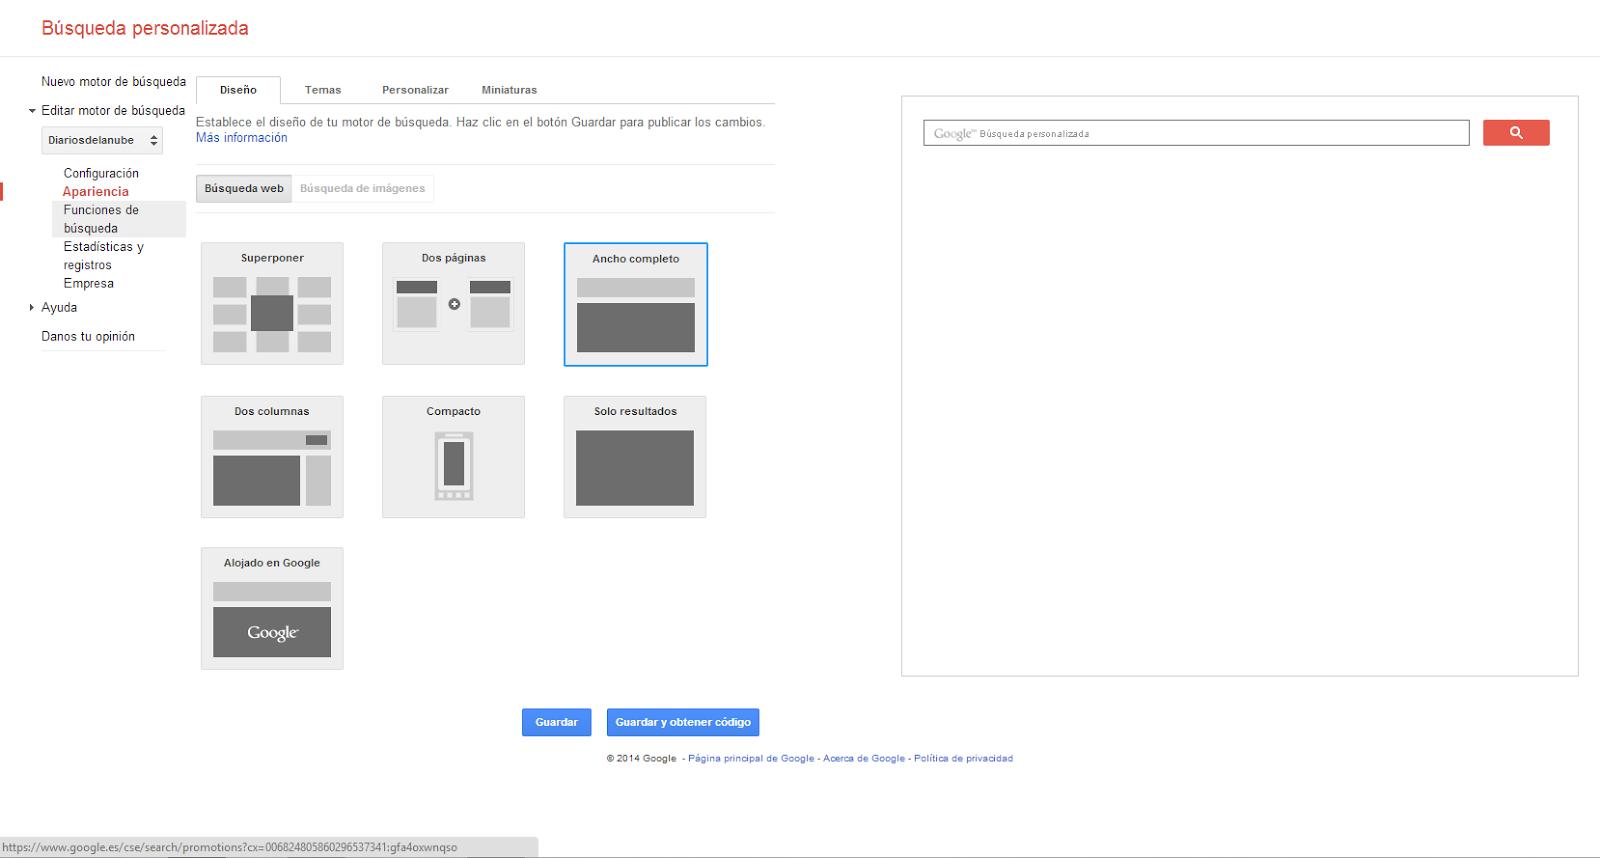 Diseño de búsqueda personalizada de Google.